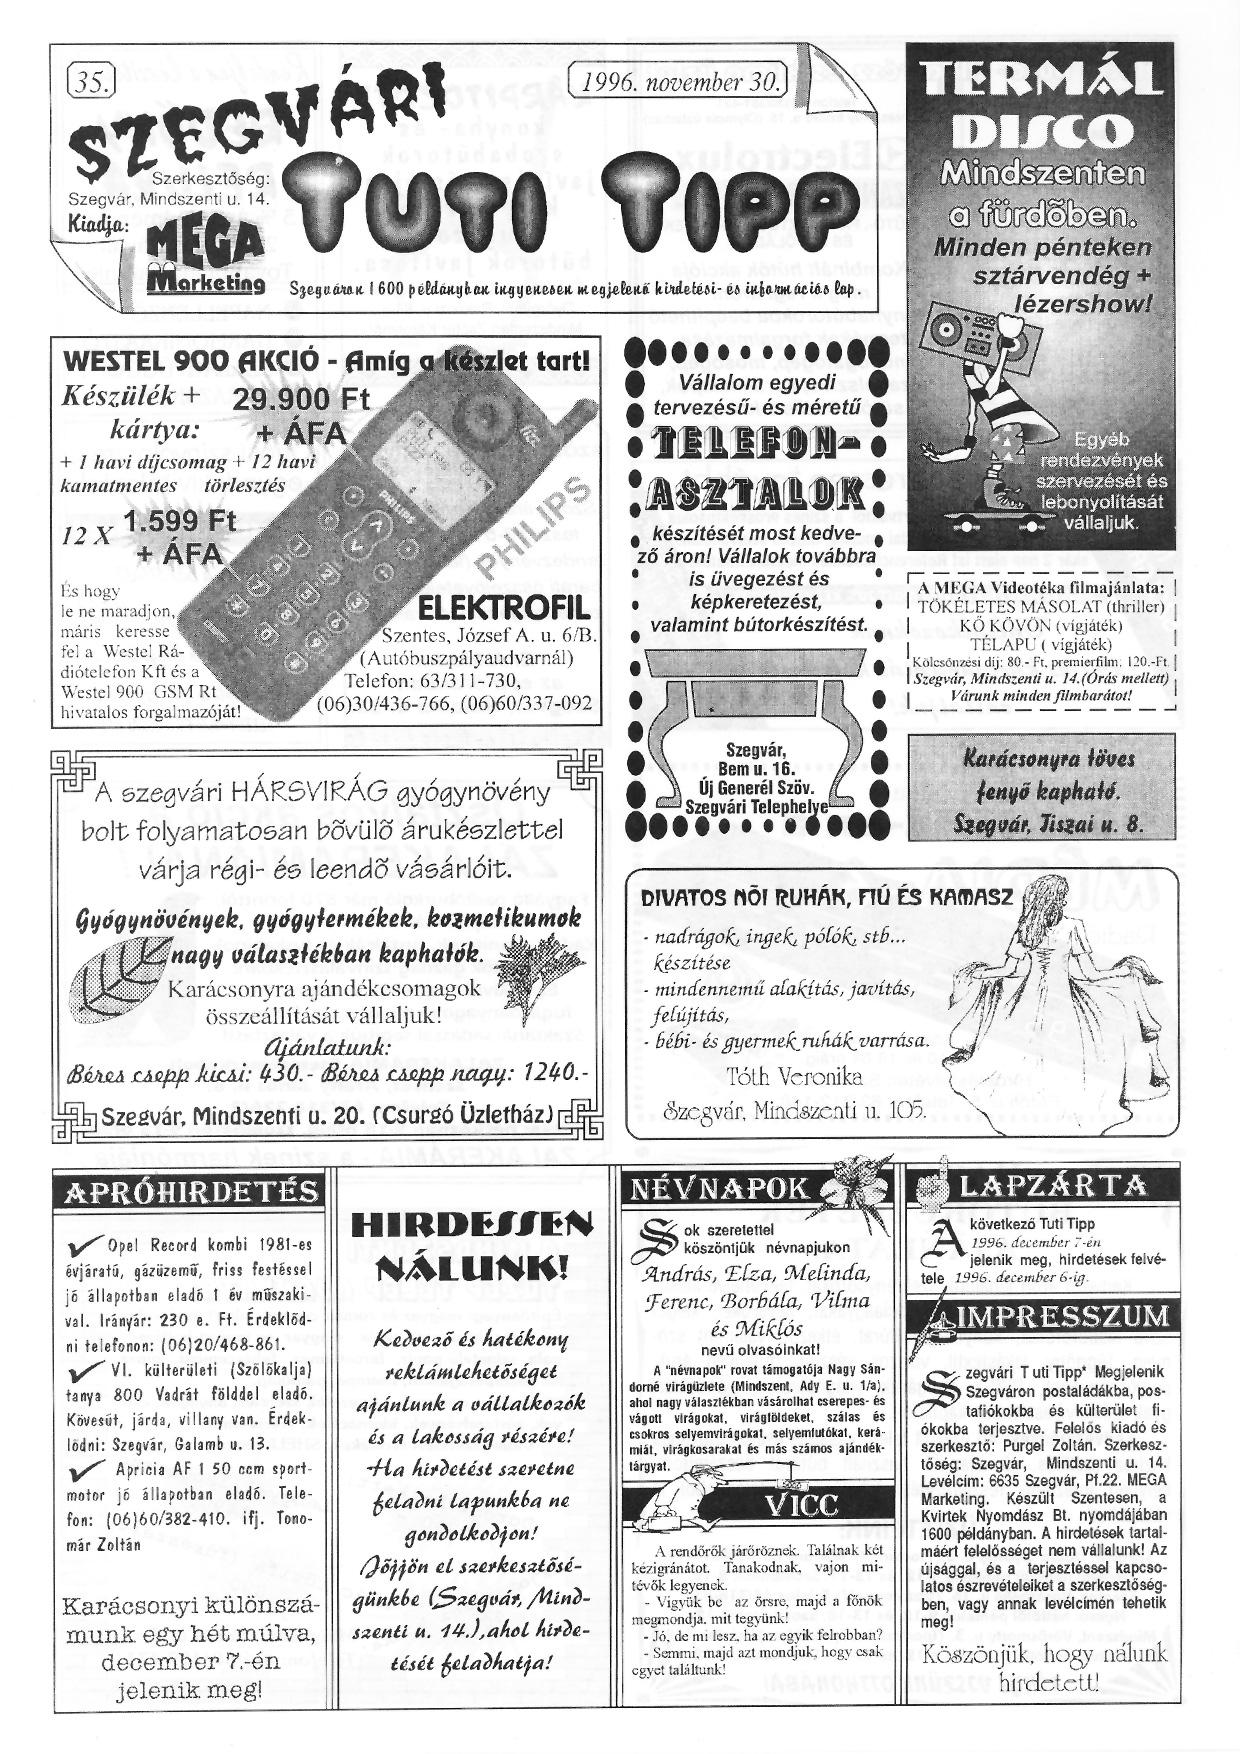 073 Szegvári Tuti Tipp reklámújság - 19961130-035. lapszám - 1.oldal - II. évfolyam.jpg